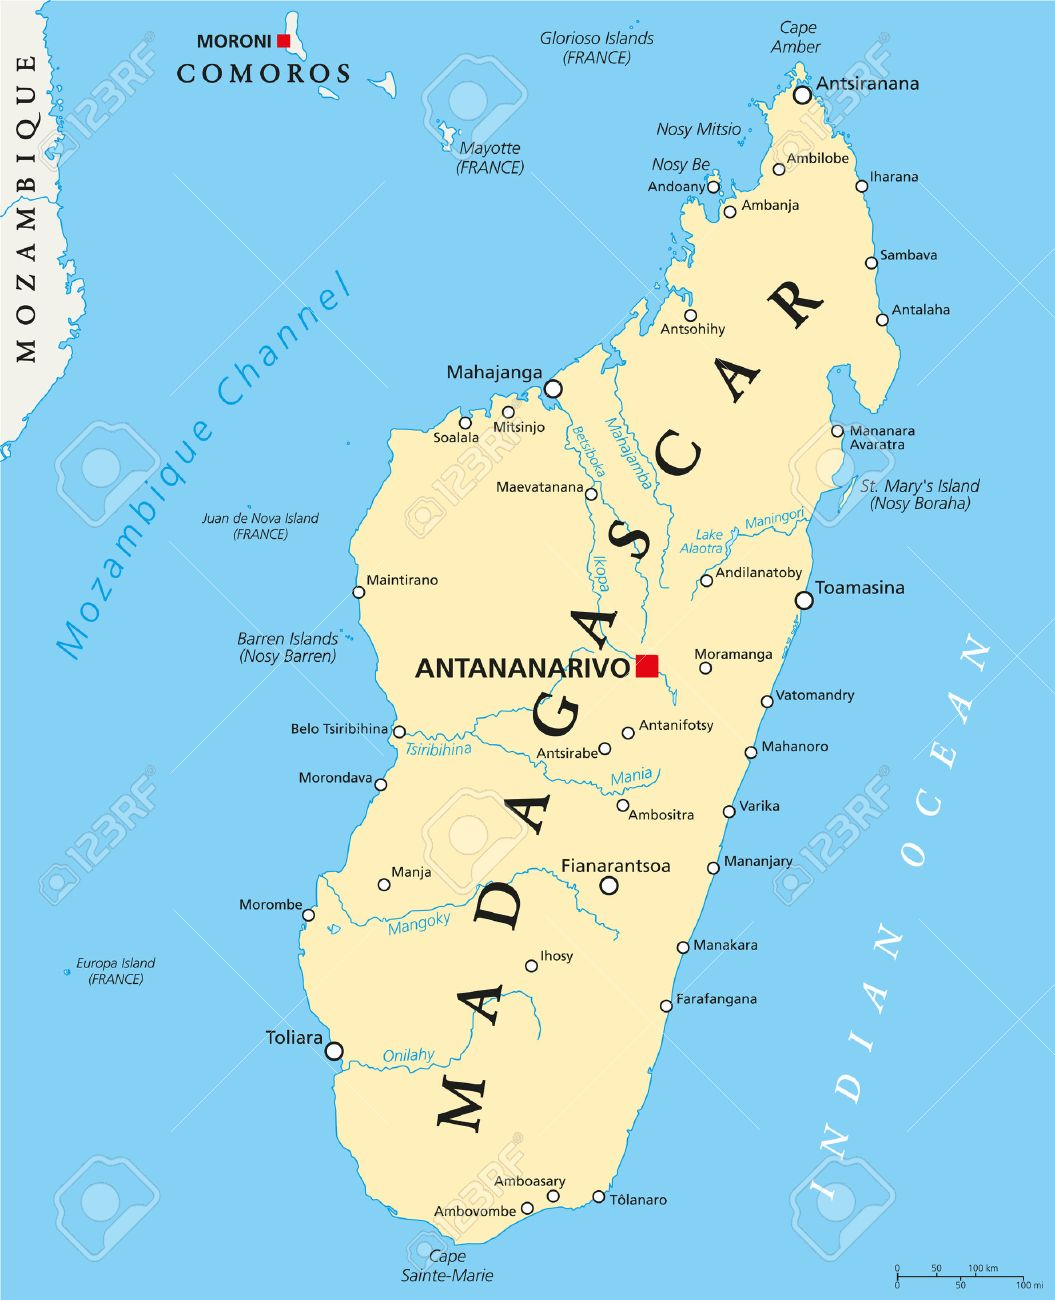 Antananarivo Madagascar Carte.Madagascar Carte Politique Avec Capitale Antananarivo Les Frontieres Nationales Les Villes Importantes Les Rivieres Et Les Lacs Etiquetage Anglais